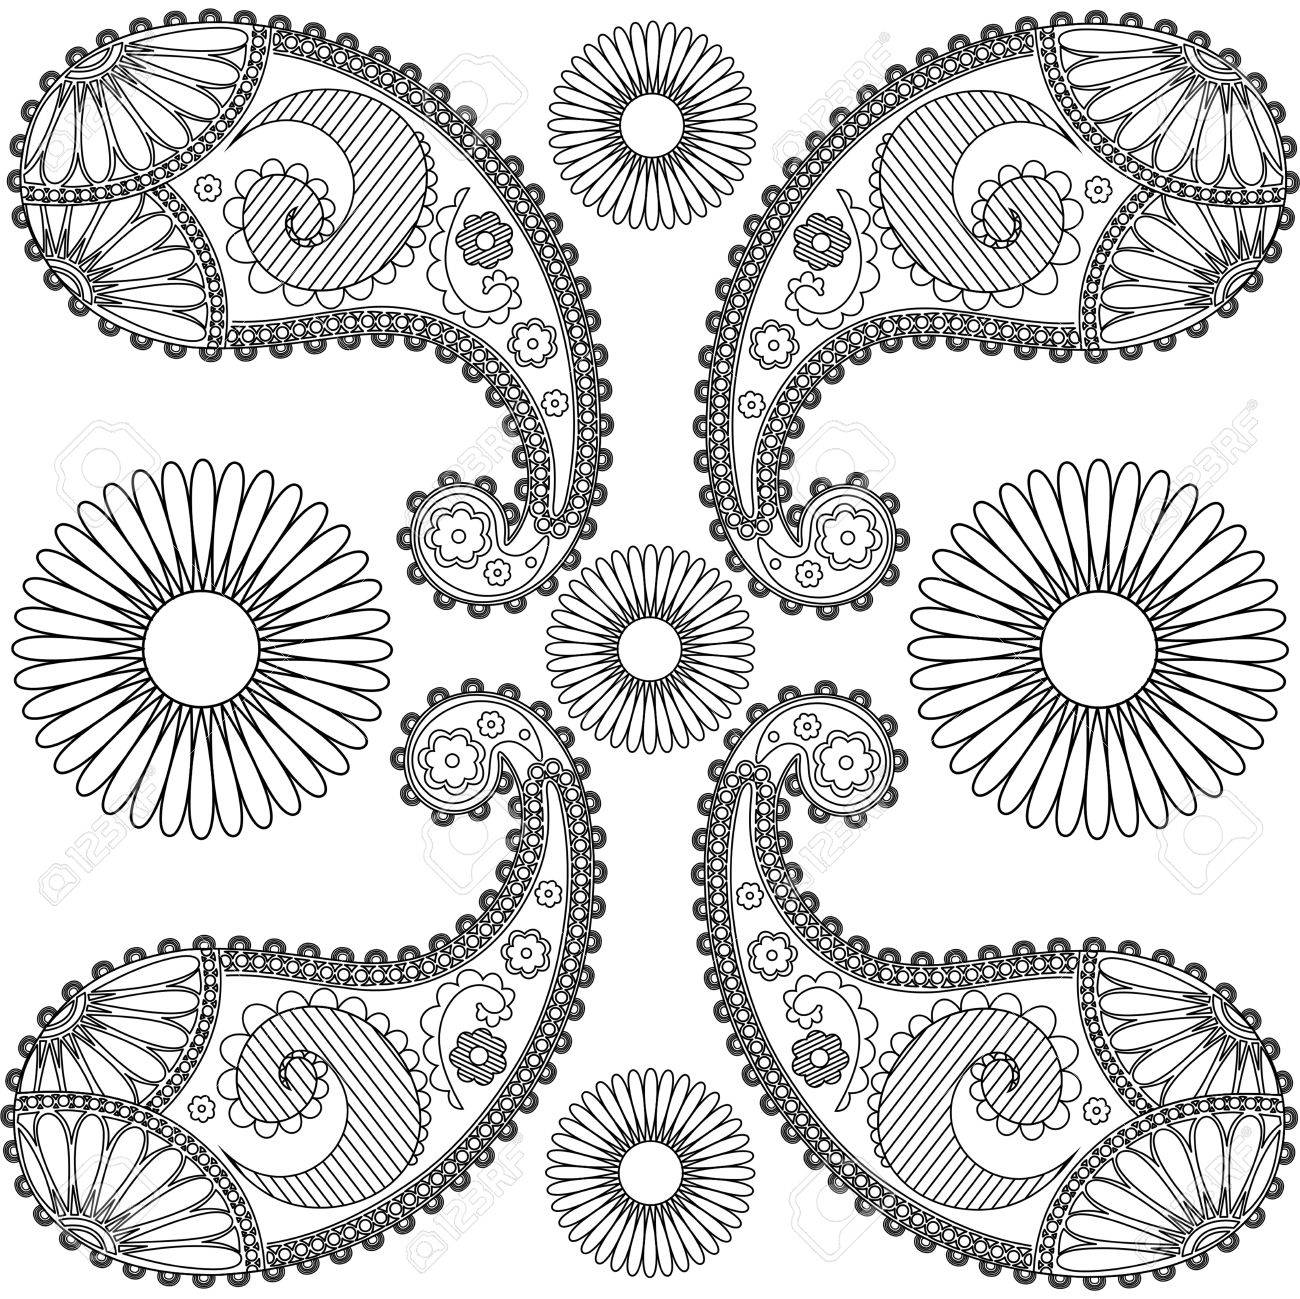 Garabatos Paisley Blanco Y Negro Mandala Páginas Para Colorear Paisley Para El Bordado Negro Y Blanco Mandala